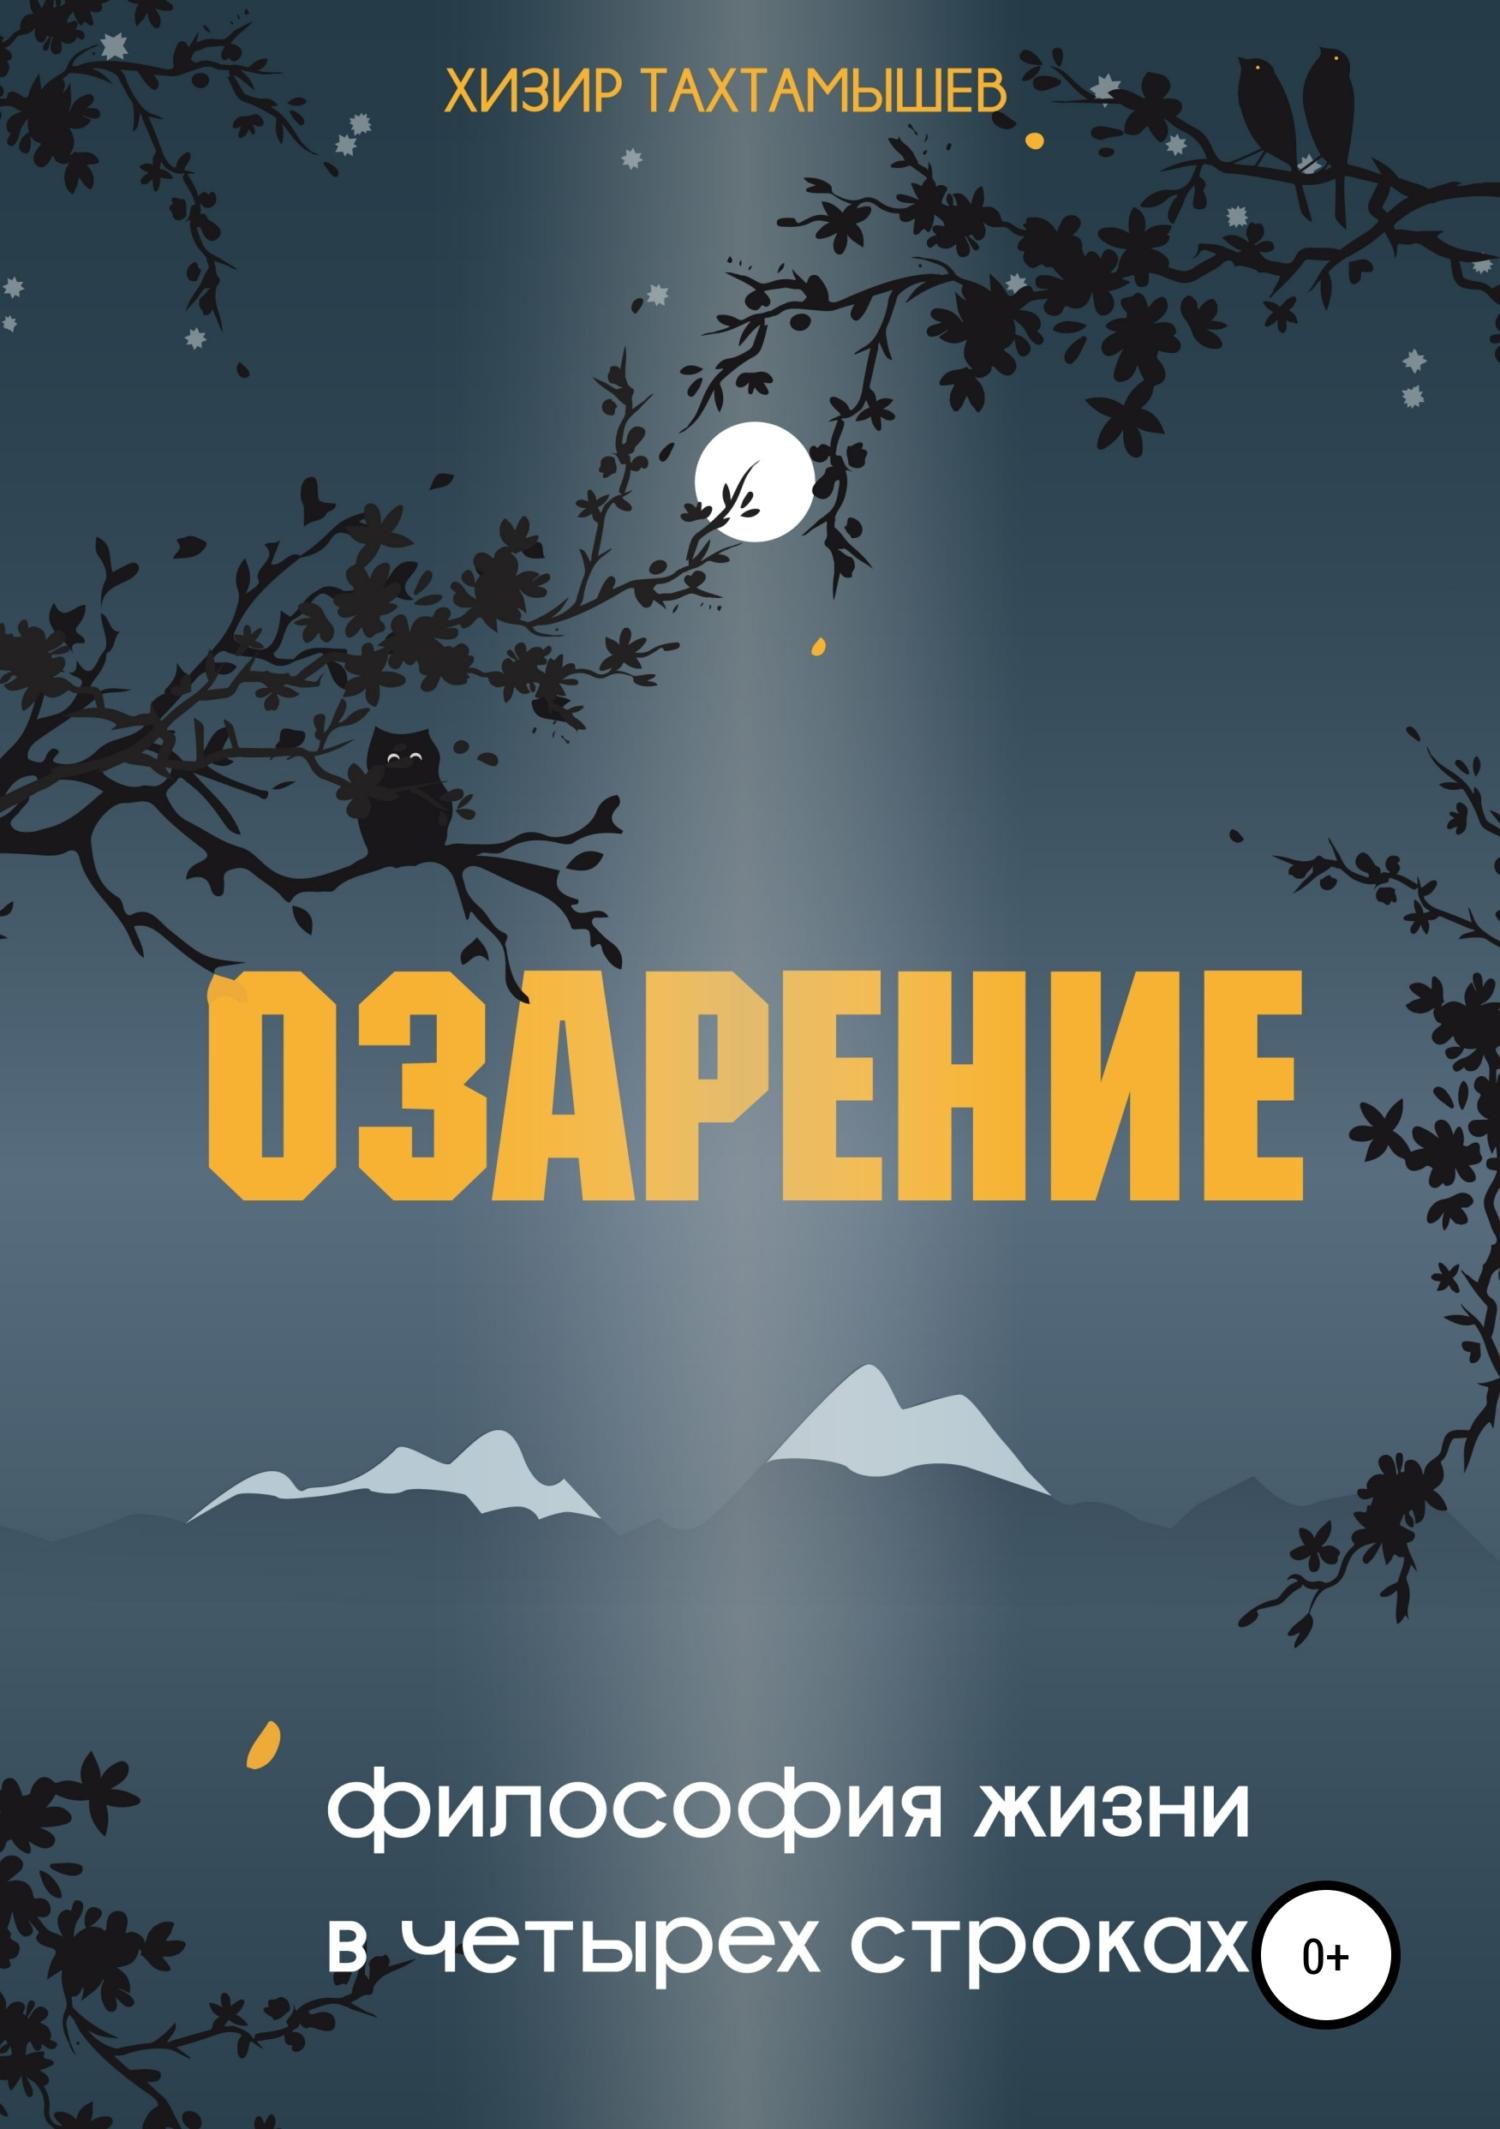 Хизир Тахтамышев Озарение. Философия жизни в 4 строках